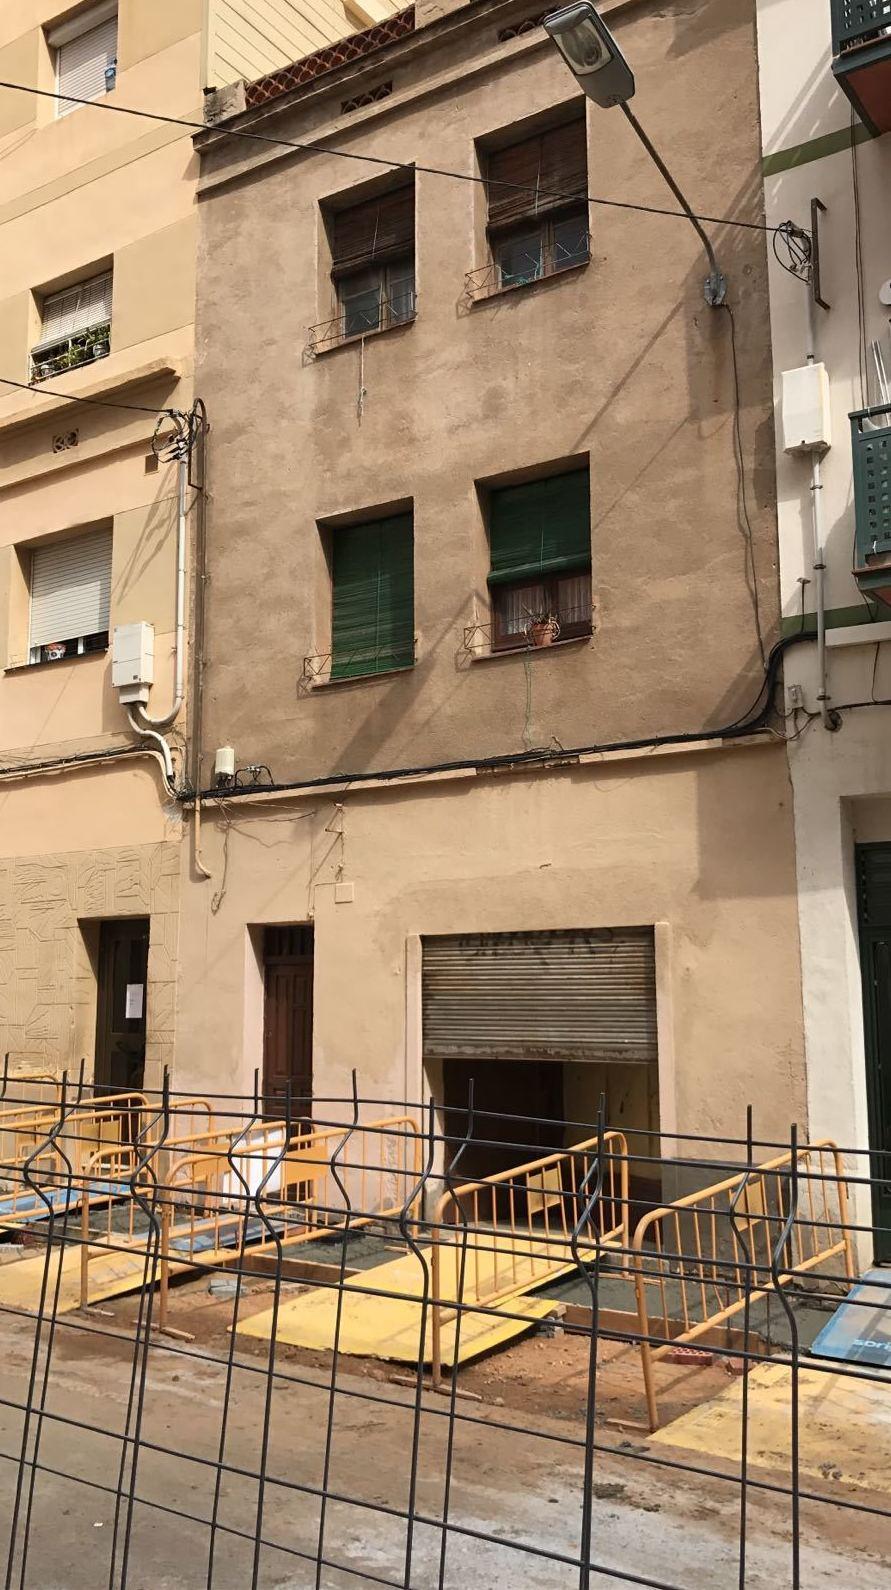 Edificio en venta en la zona de Collblanc (Hospitalet): Inmobiliaria de BCN Reit